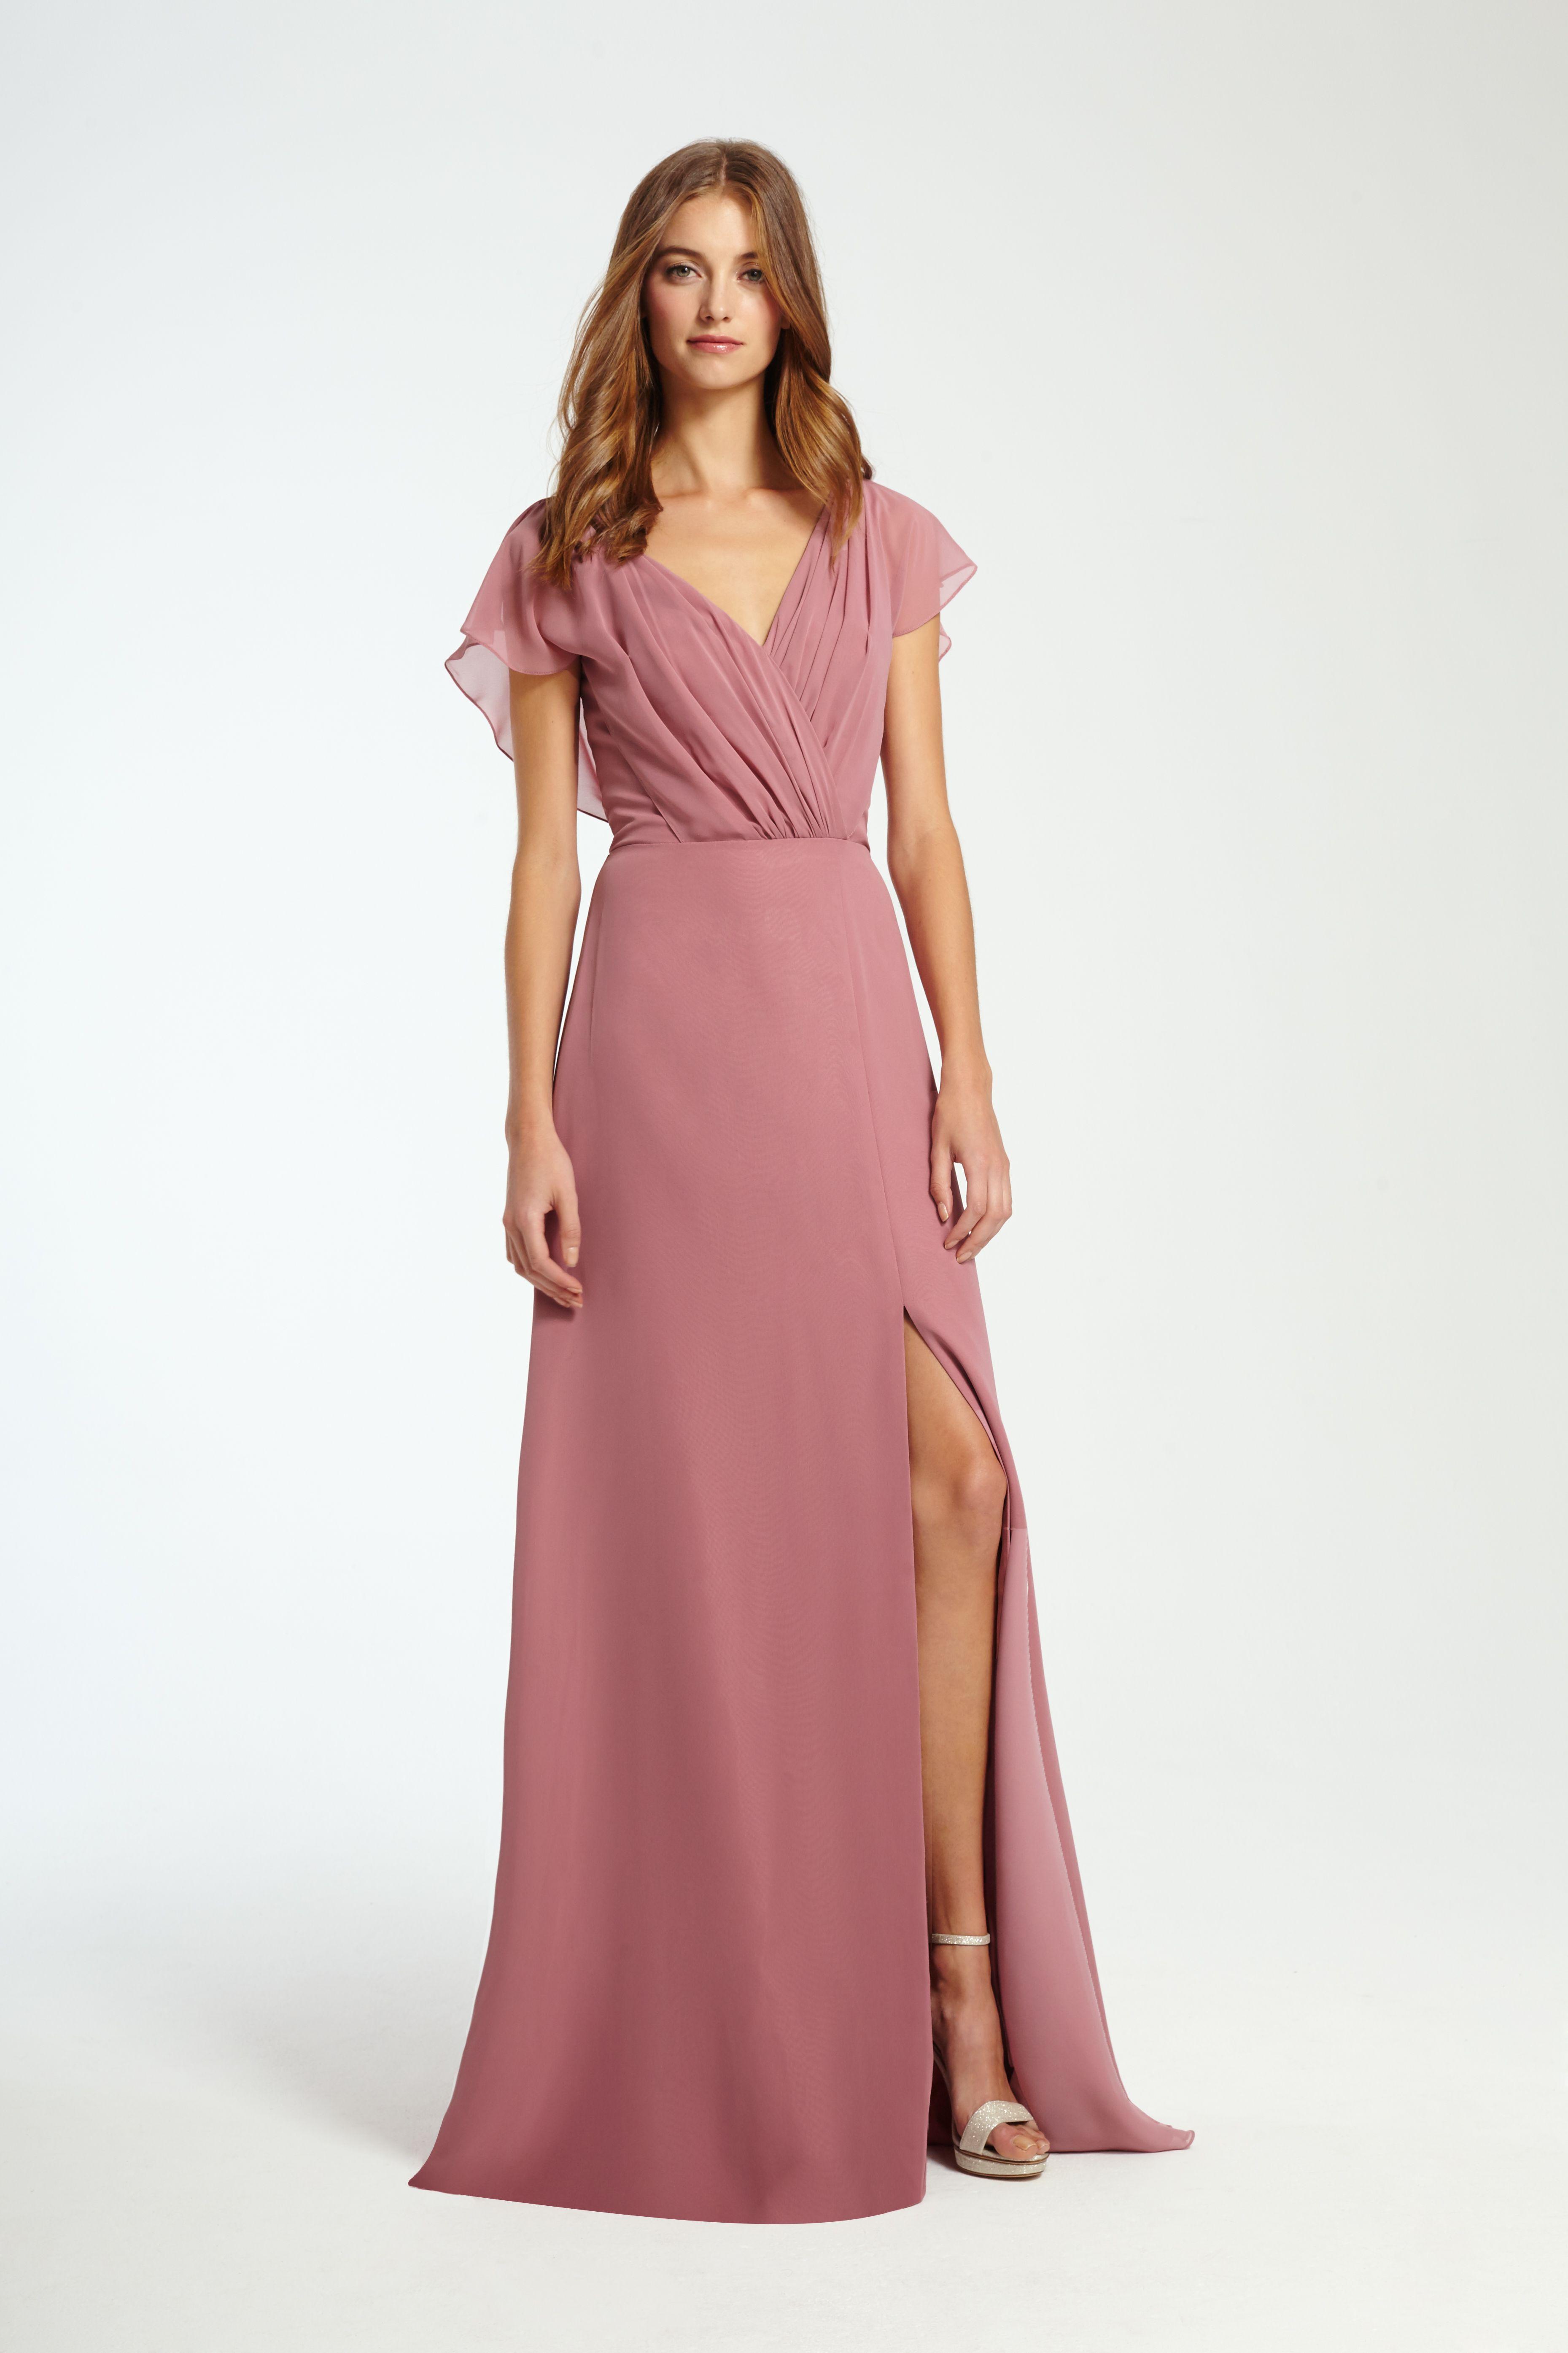 Monique Lhuillier Fall 2016 Bridesmaids - Style # 450355 | dress ...